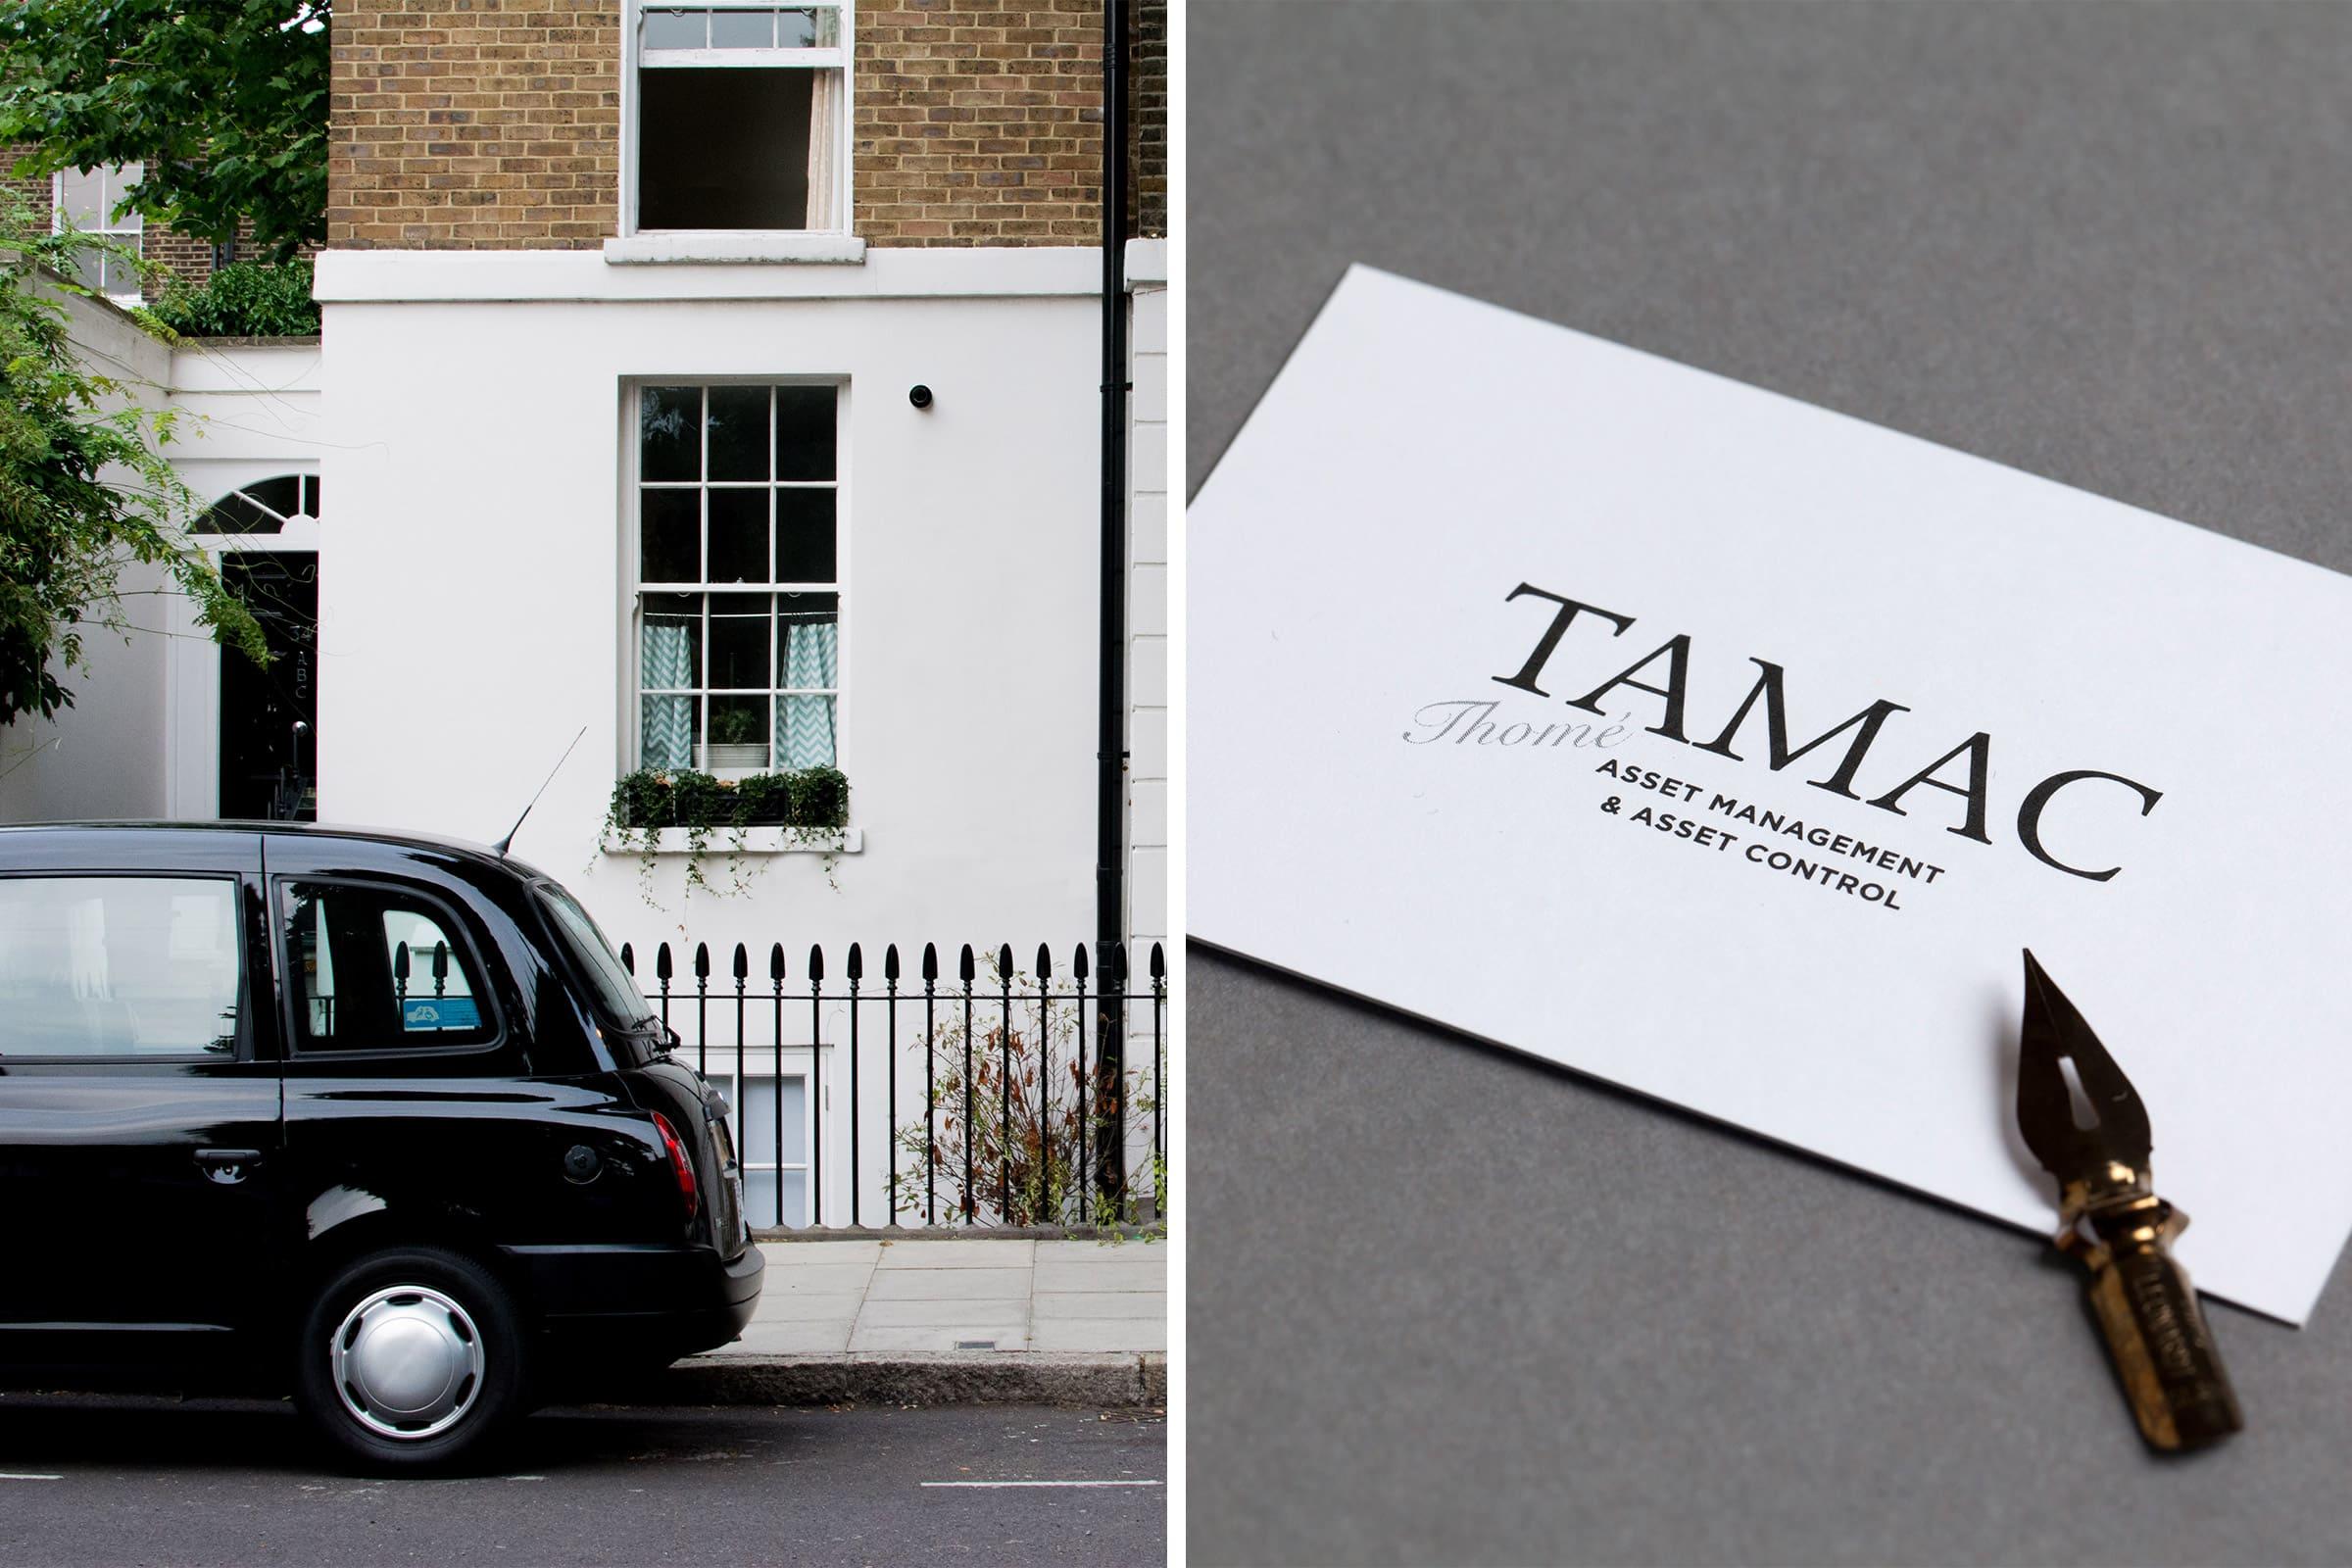 private wealth management, familienvermögen, london, business card